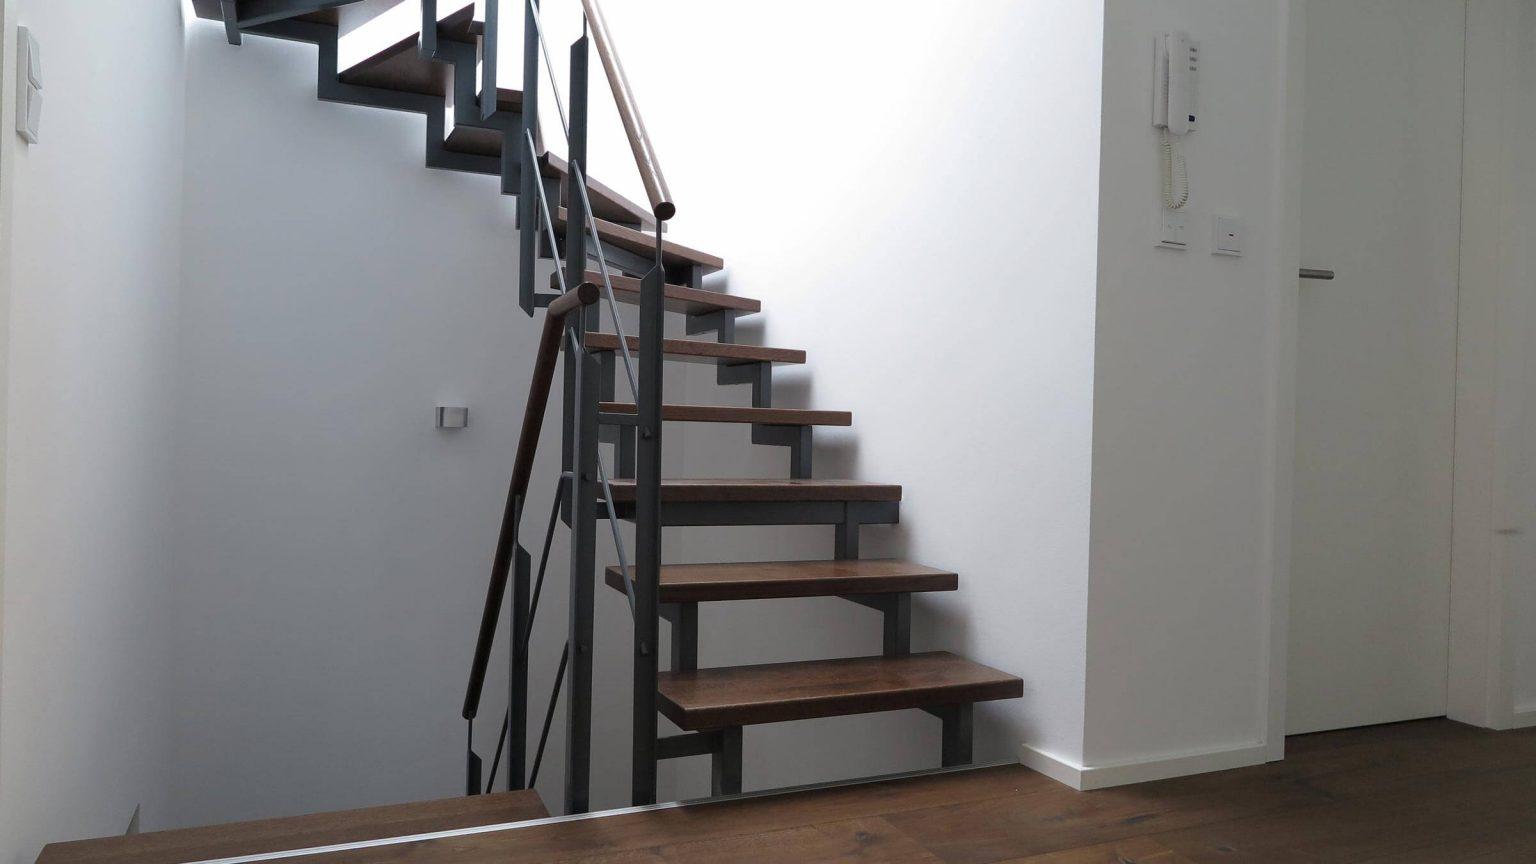 Architekt Koeln Treppe Wohnungsbau